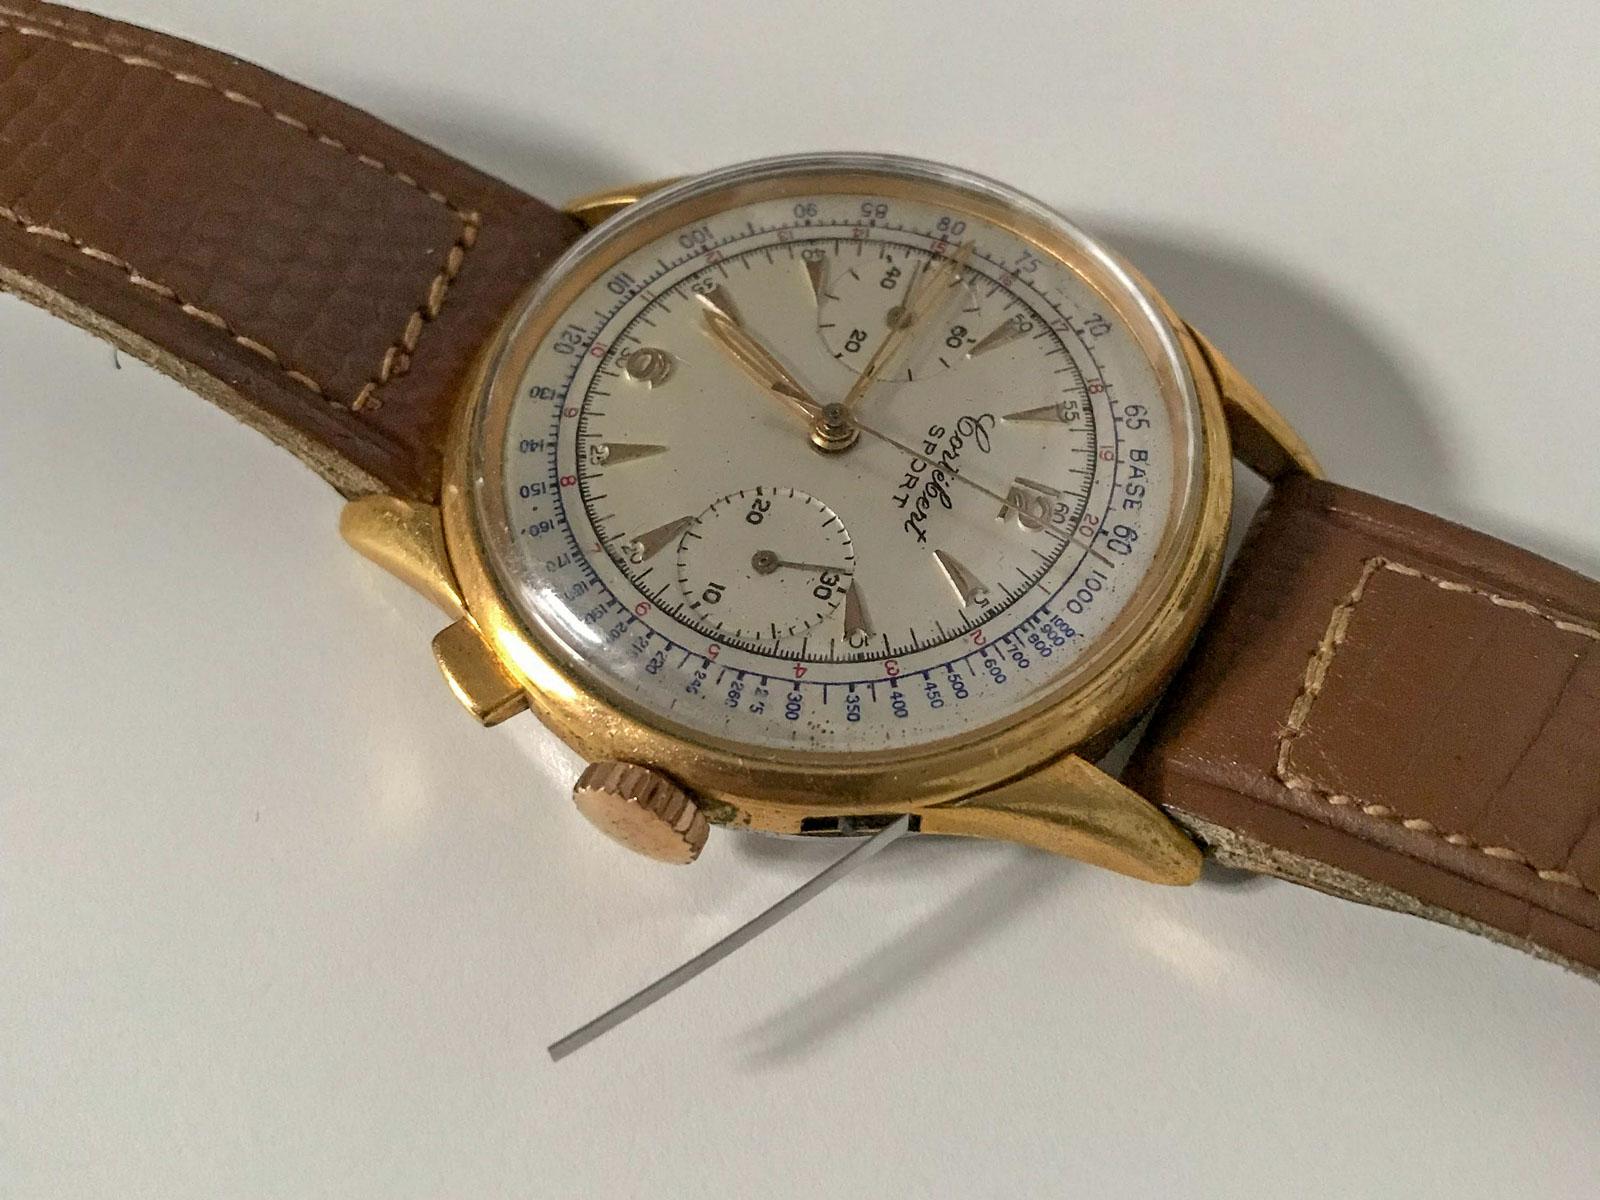 Cortebert Chronograph